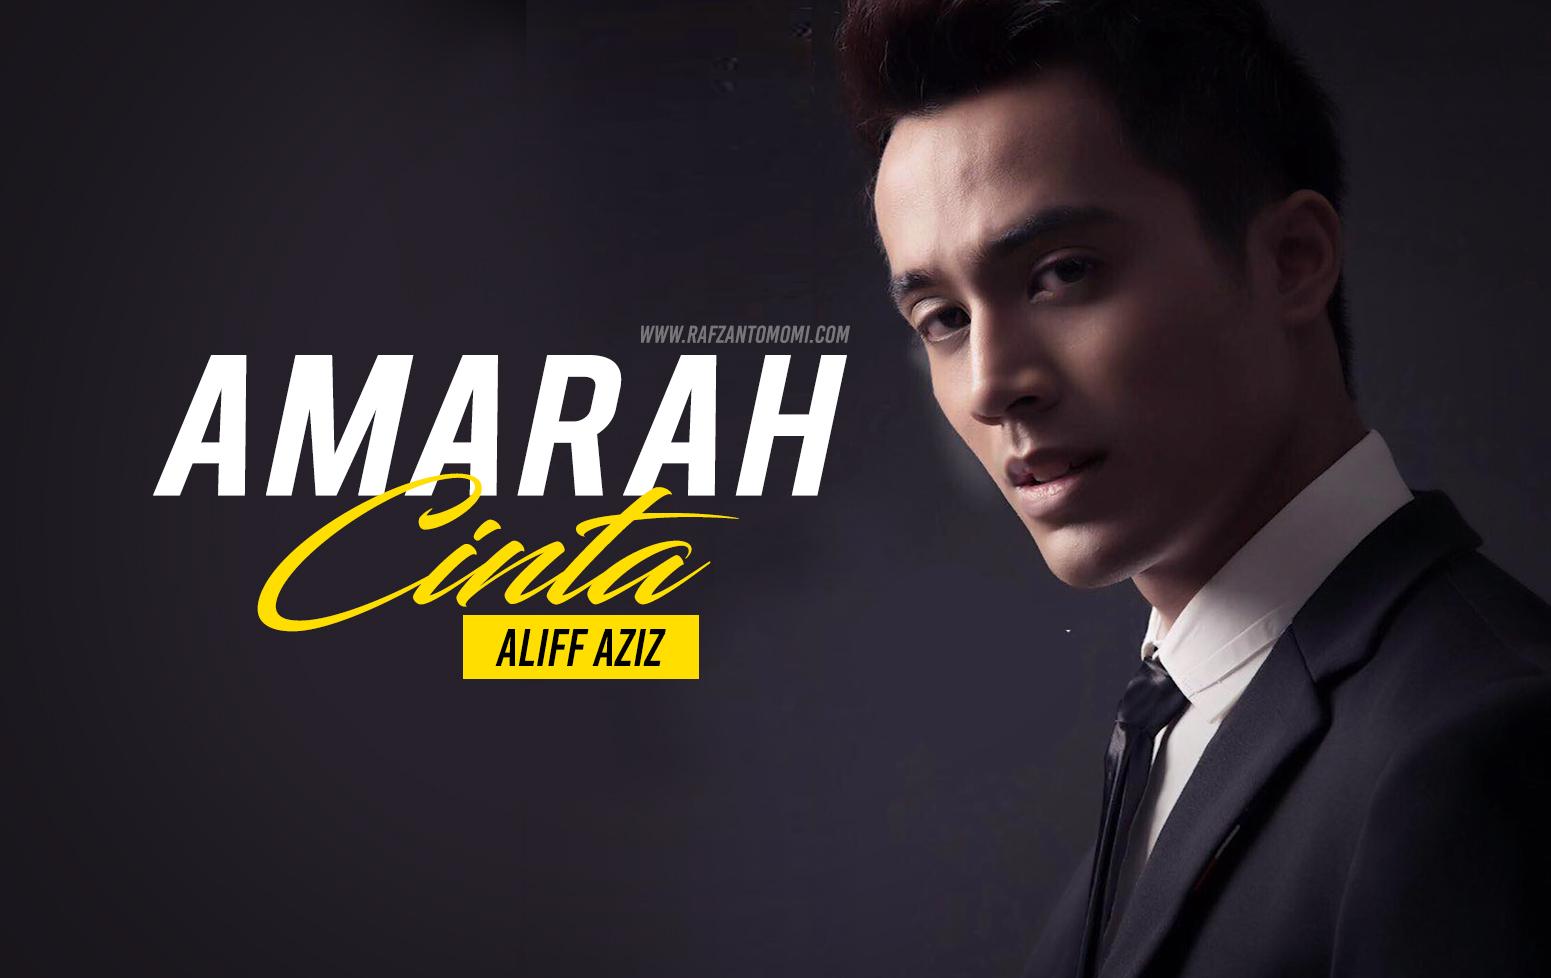 Lirik Lagu Amarah Cinta - Aliff Aziz (OST Drama Melankolia)